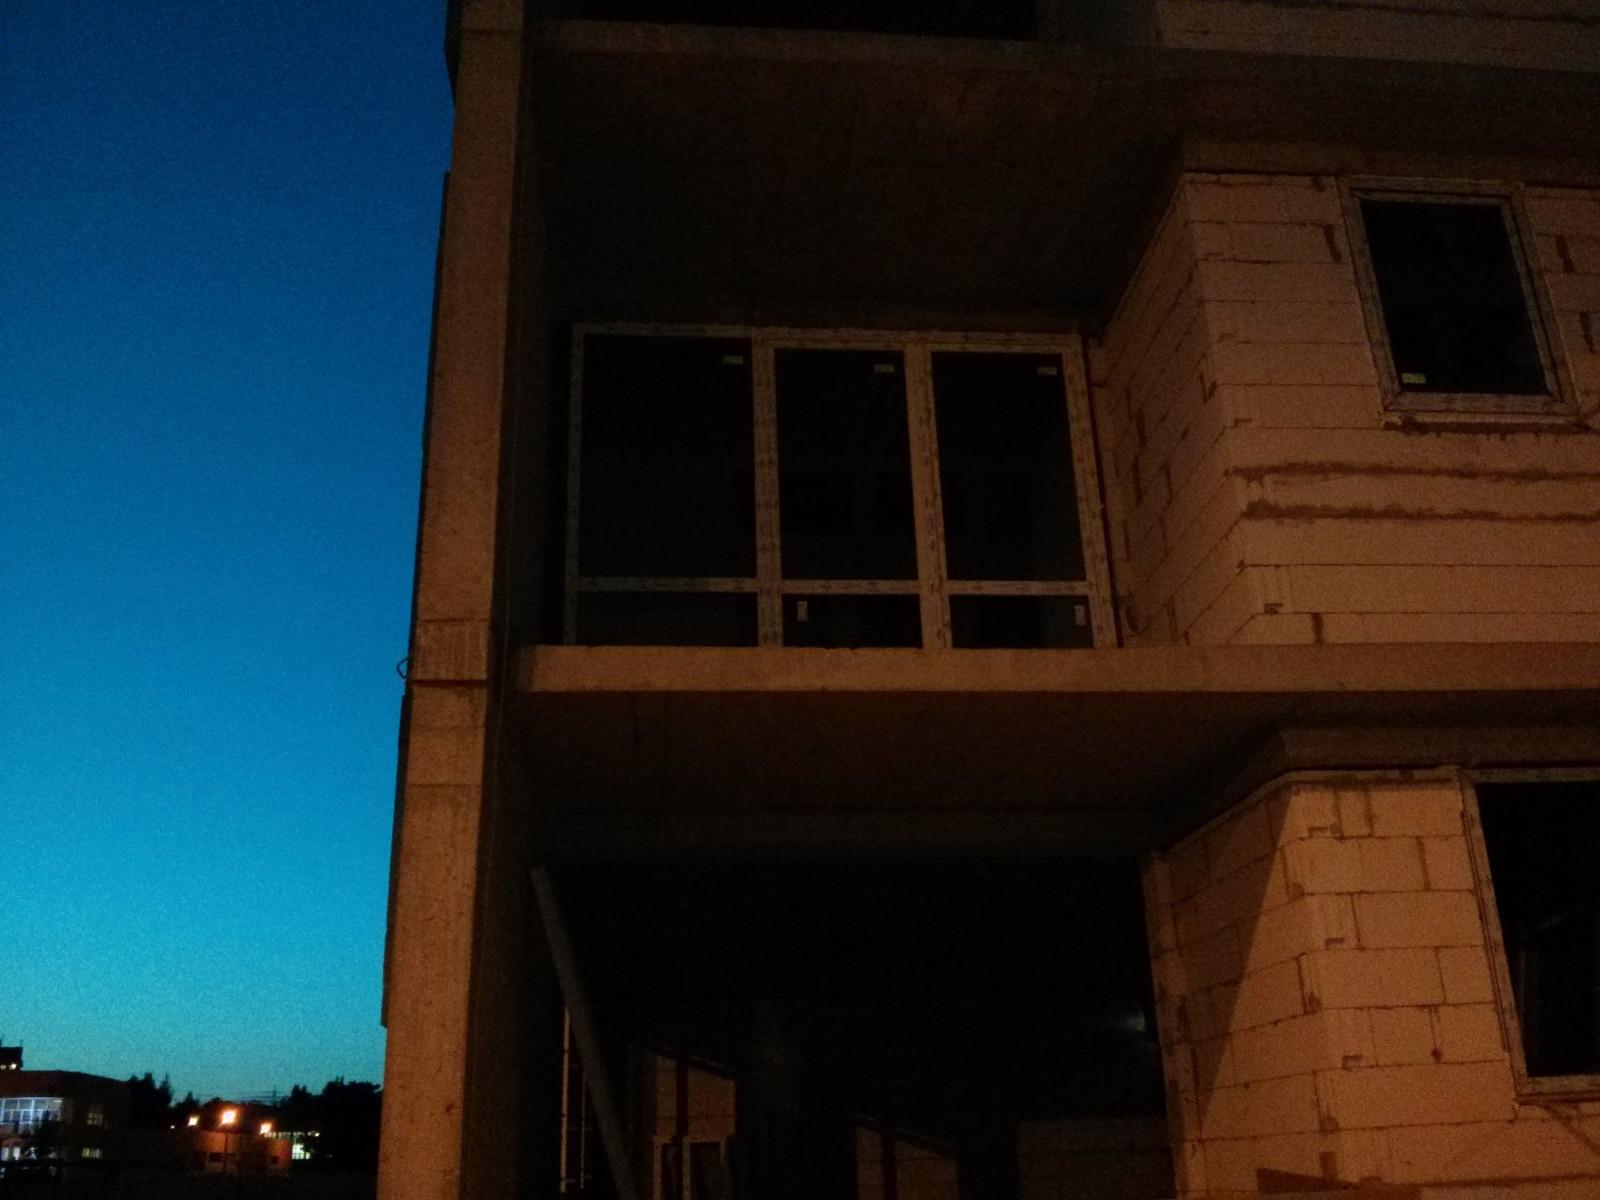 Okno balkonowe i drzwi balkonowe w nowym buynku Avia 2